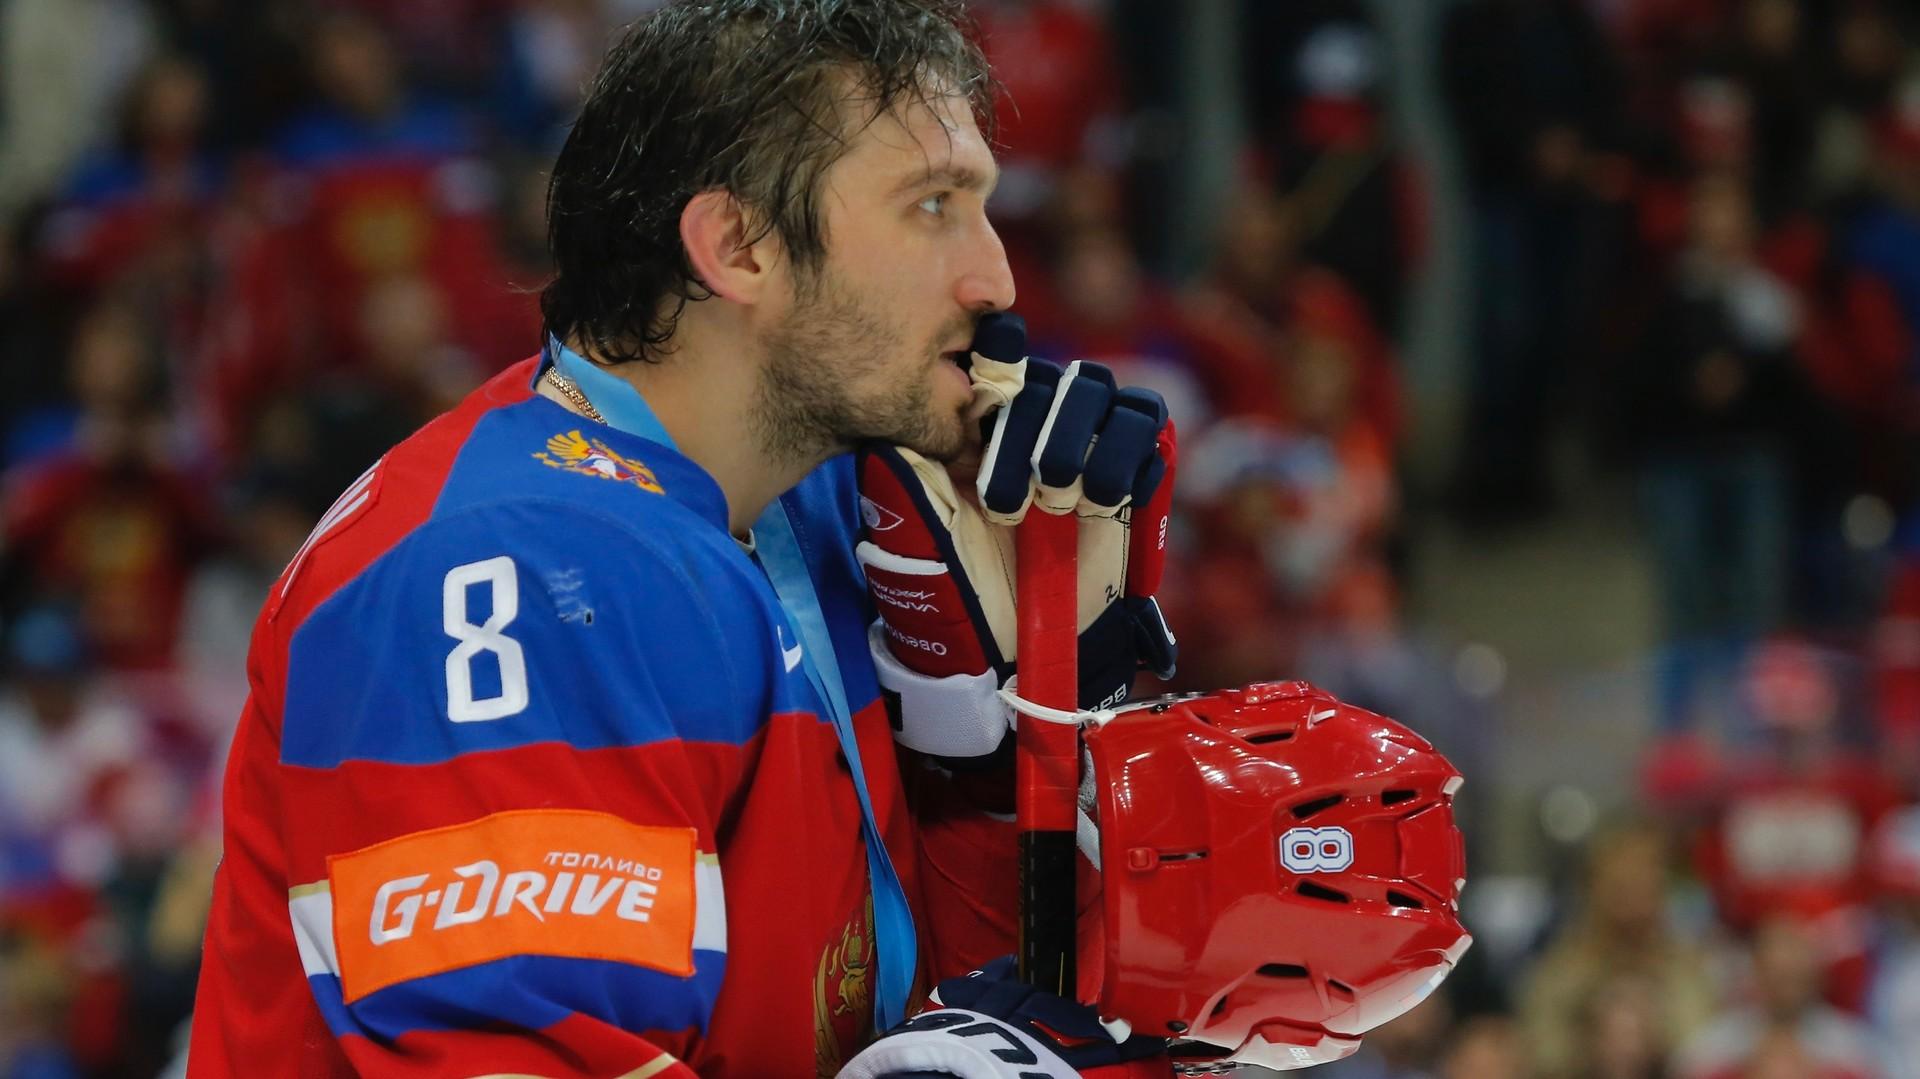 Победа за 70 секунд, первое место в группе и потеря Овечкина: итоги 7-го дня ЧМ по хоккею